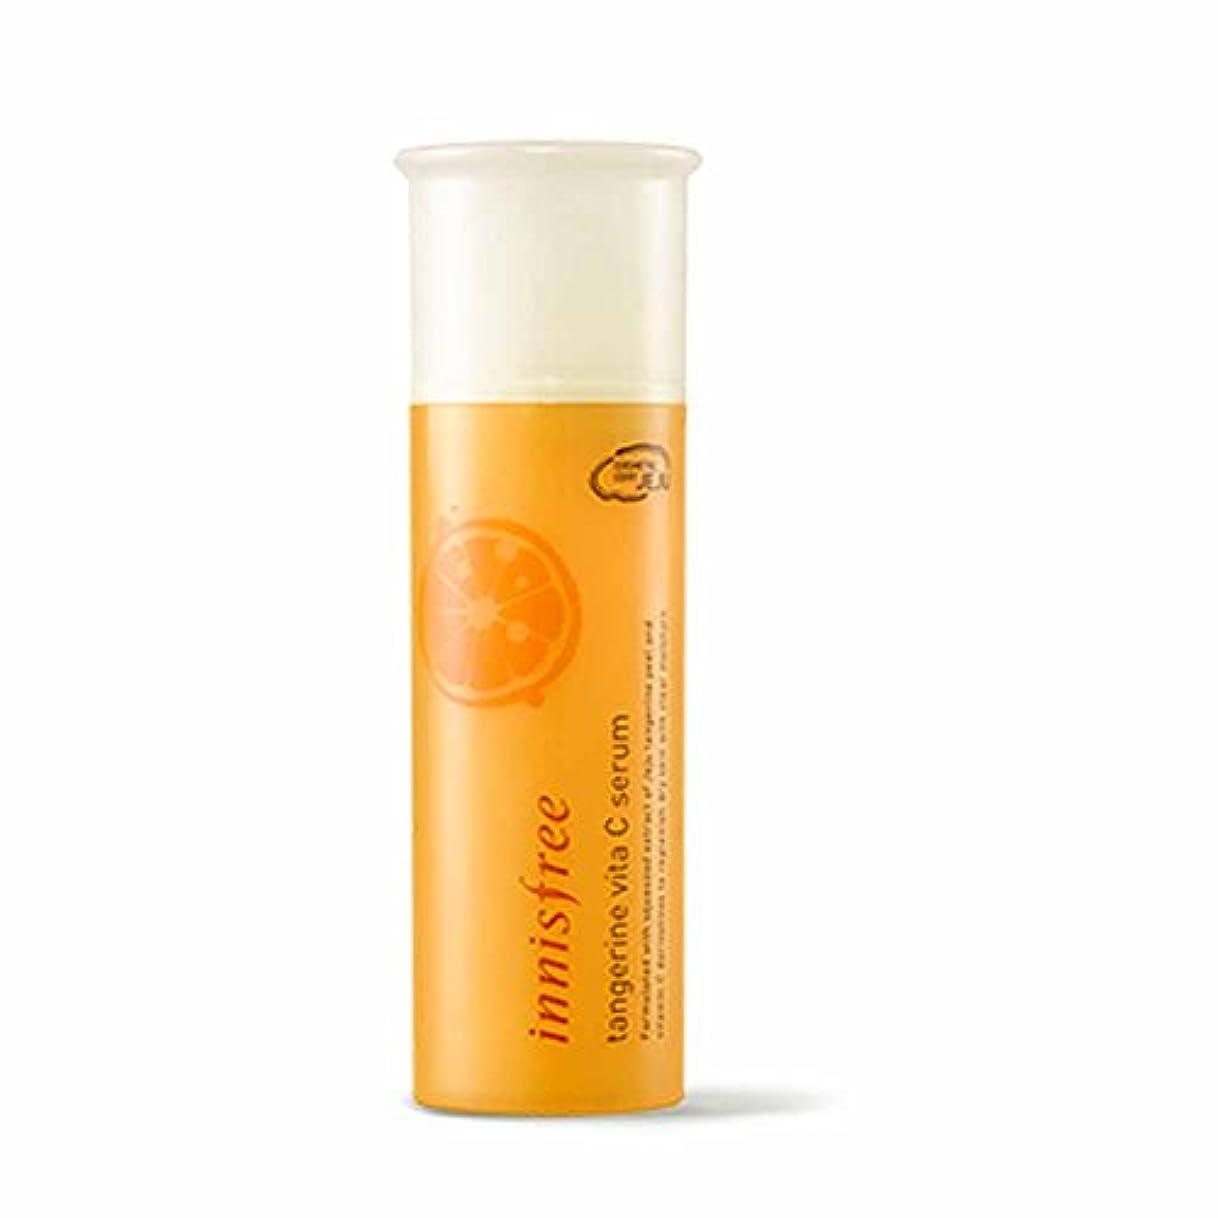 私たち自身軍隊誓うイニスフリータンジェリンビタCセラム50ml Innisfree Tangerine Vita C Serum 50ml [海外直送品][並行輸入品]